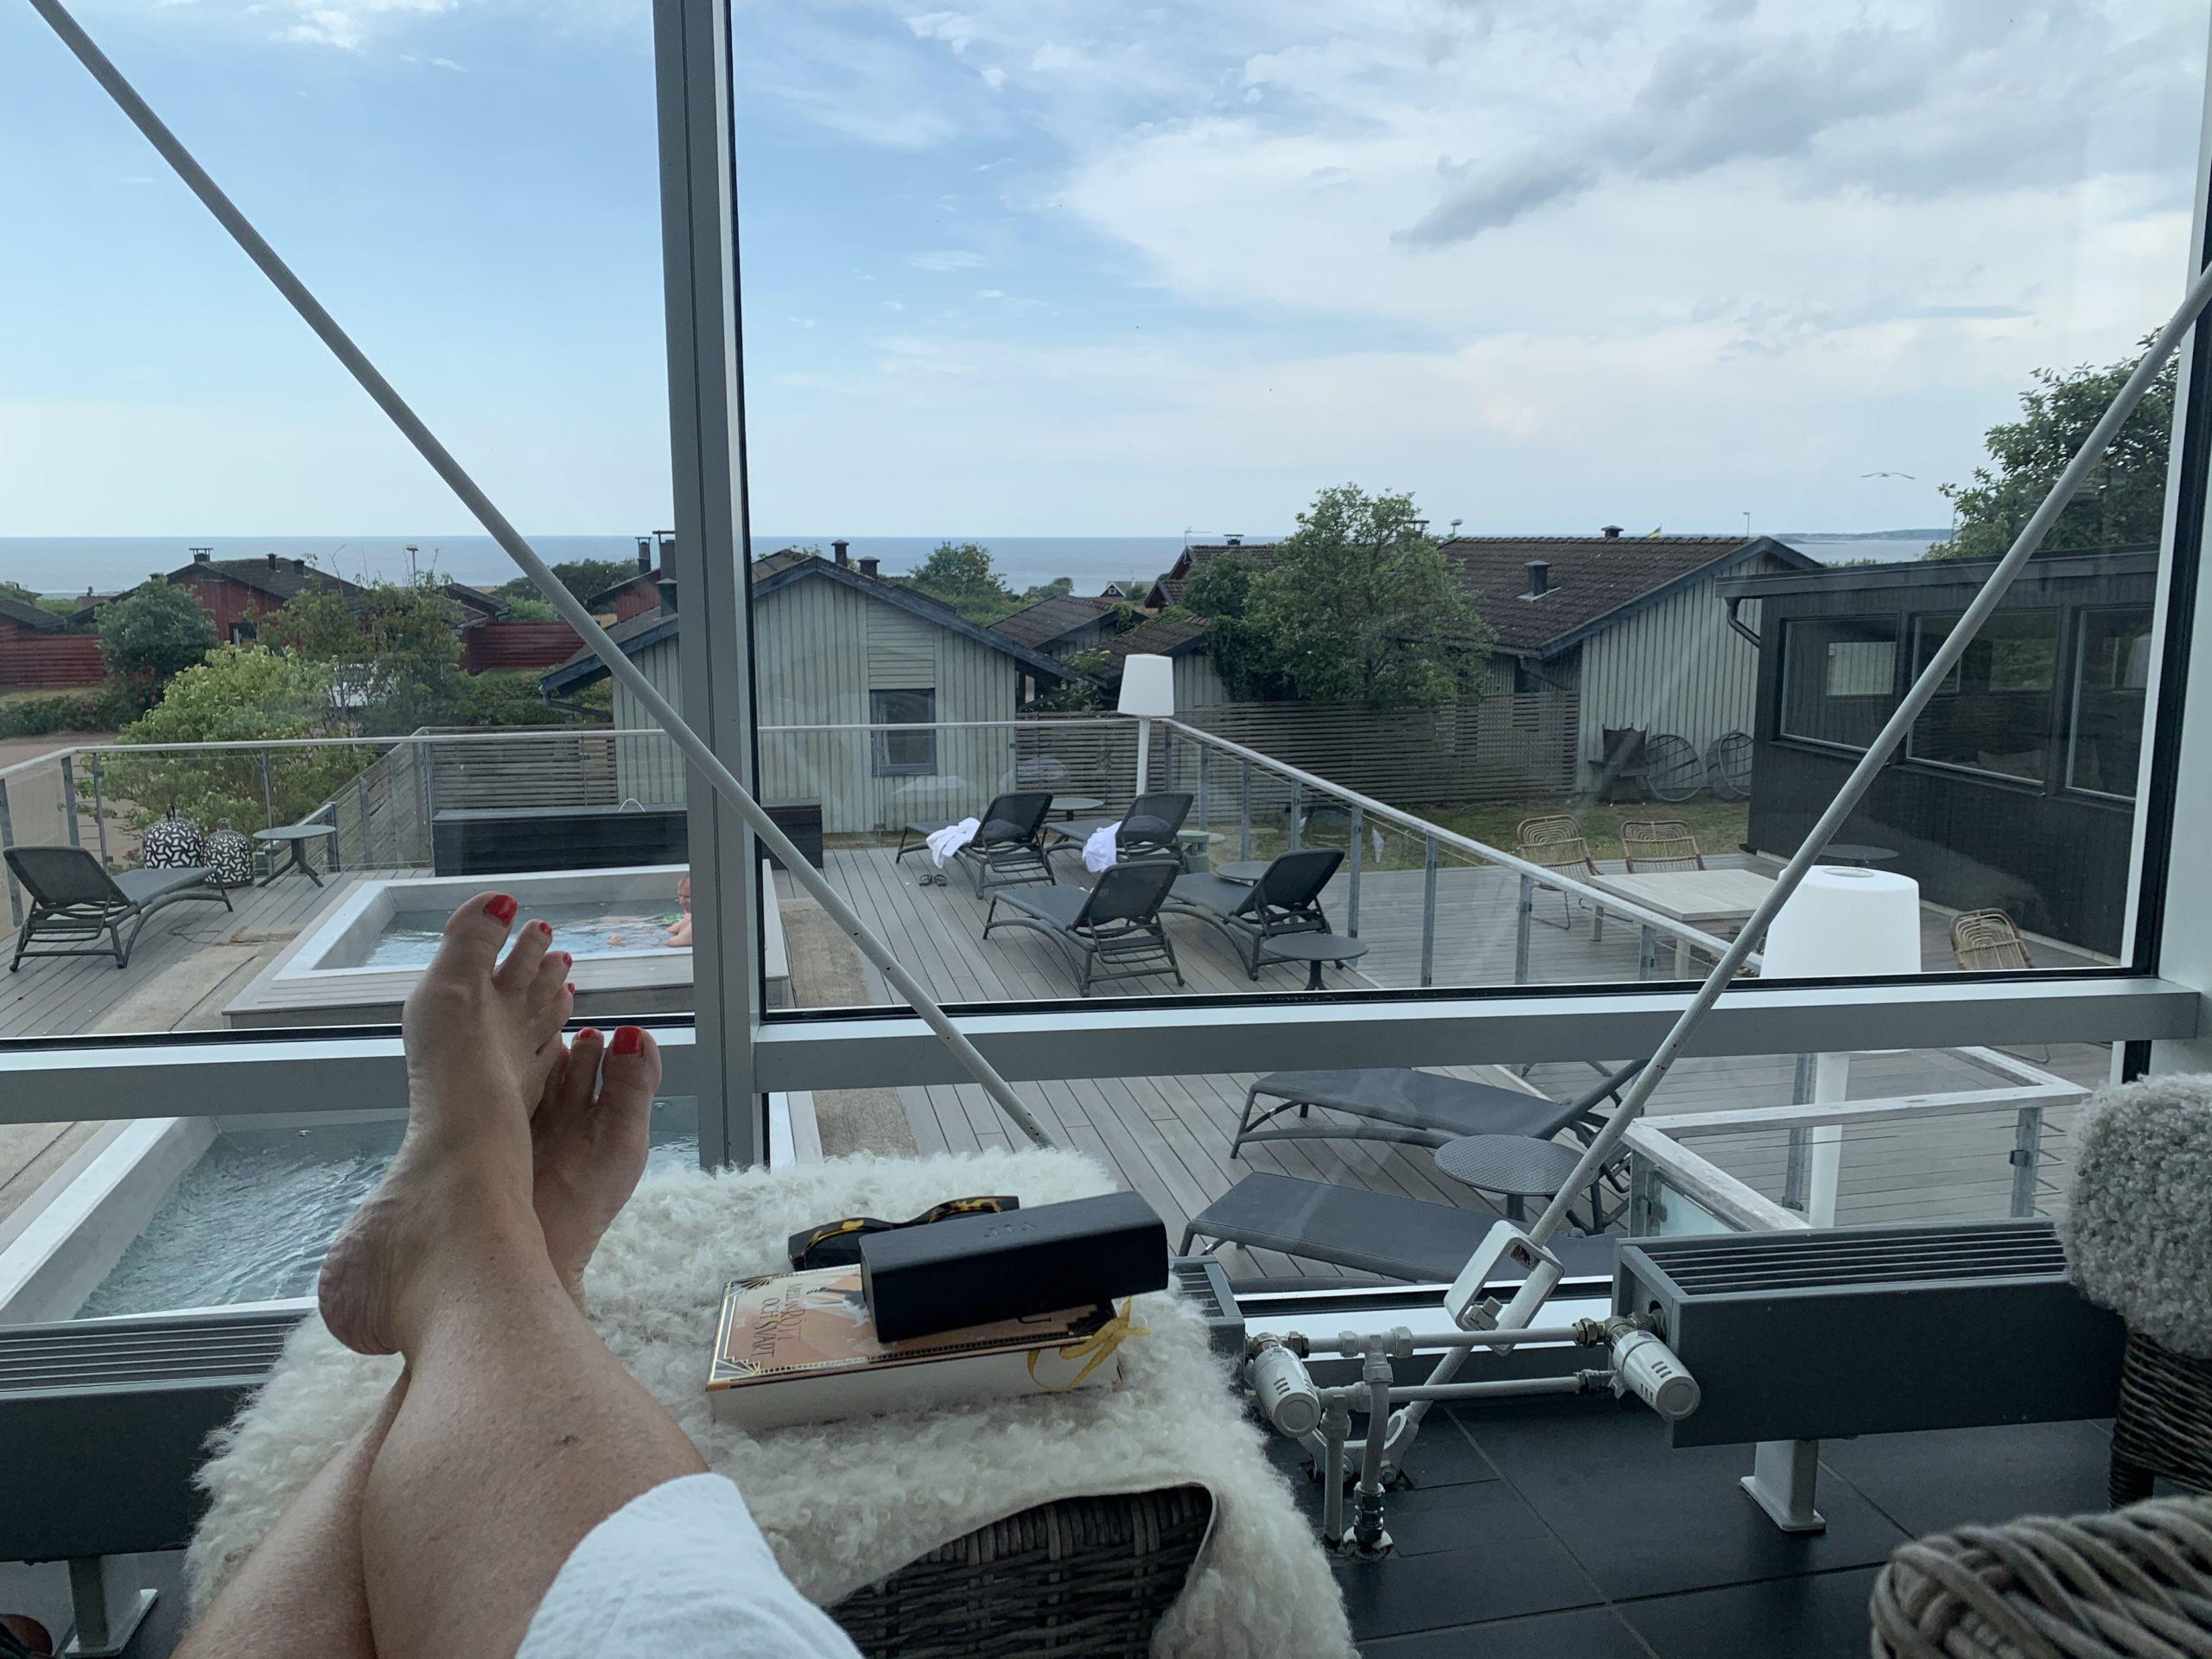 Lyxliv på Torekov spa